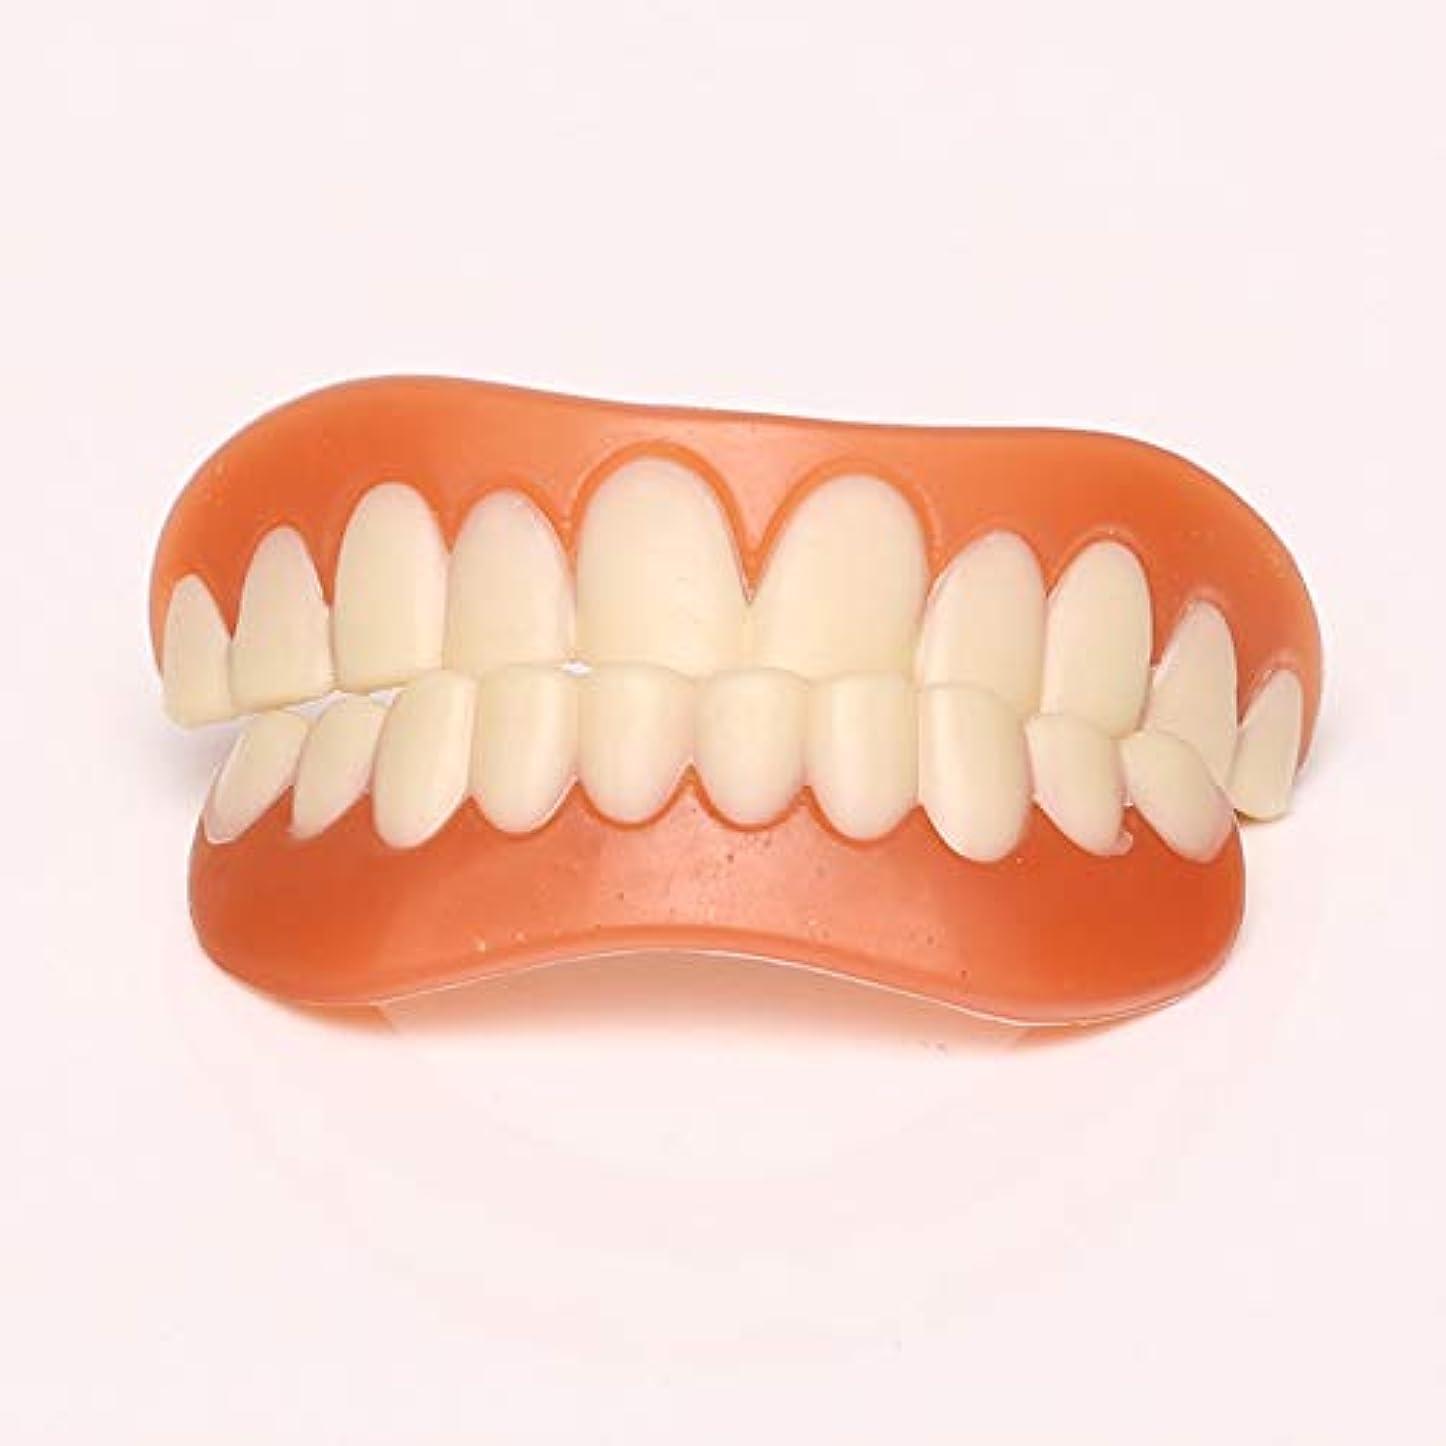 商業の可愛いモールス信号化粧品の歯、白い歯をきれいにするための快適なフィットフレックス歯ソケット、化粧品の歯義歯の歯のトップ化粧品、5セット